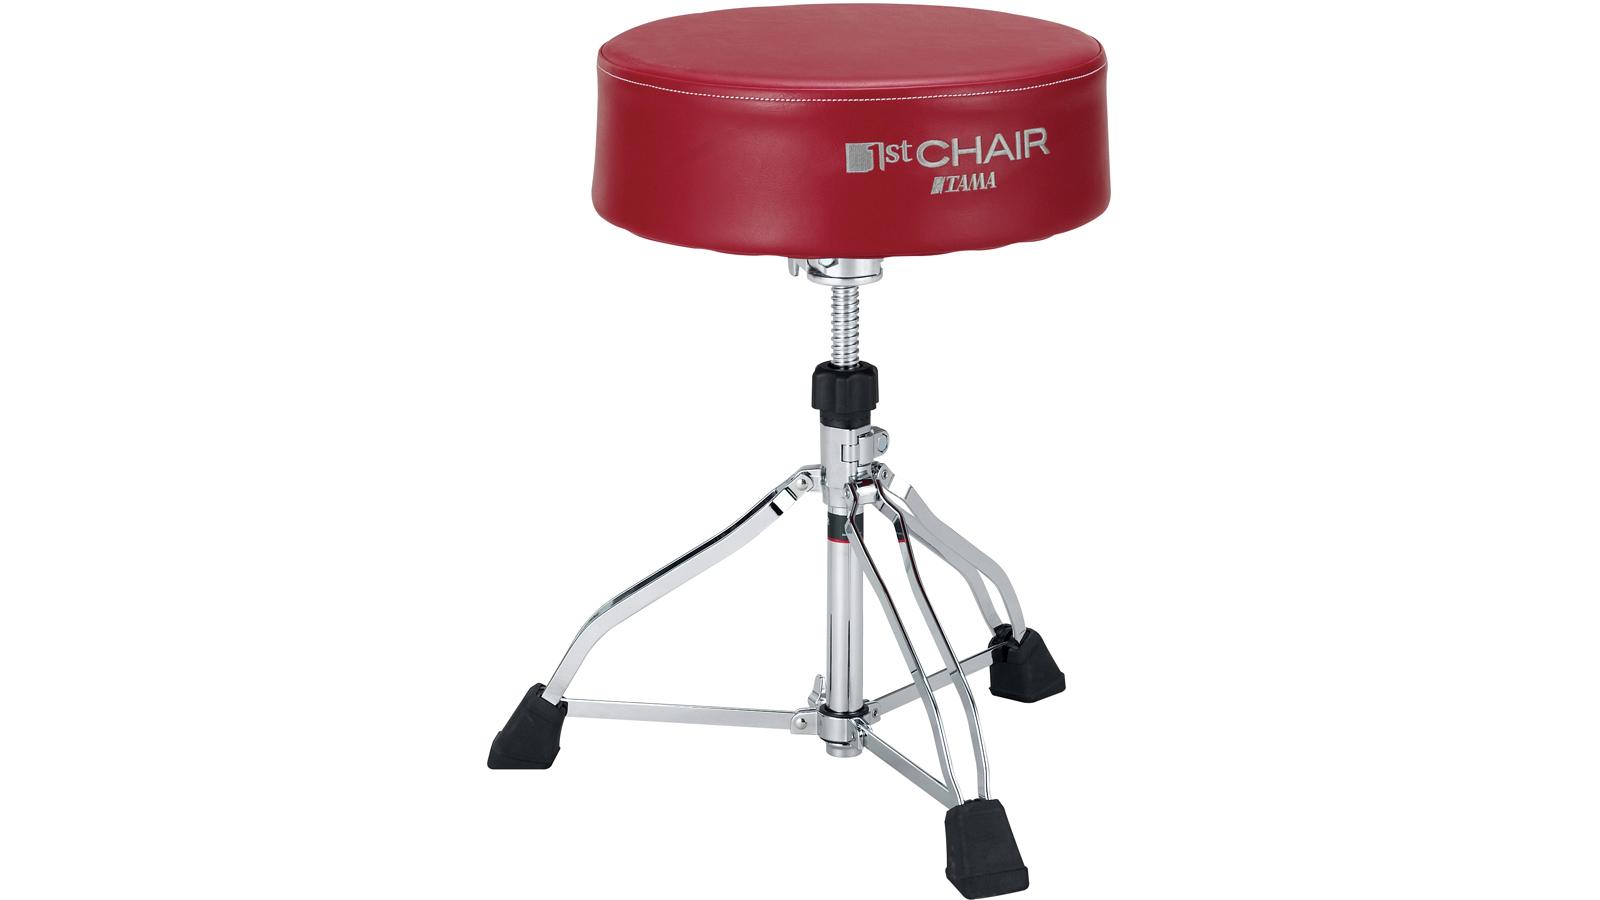 Tama HT830R 1st Chair Drum Throne Round Rider